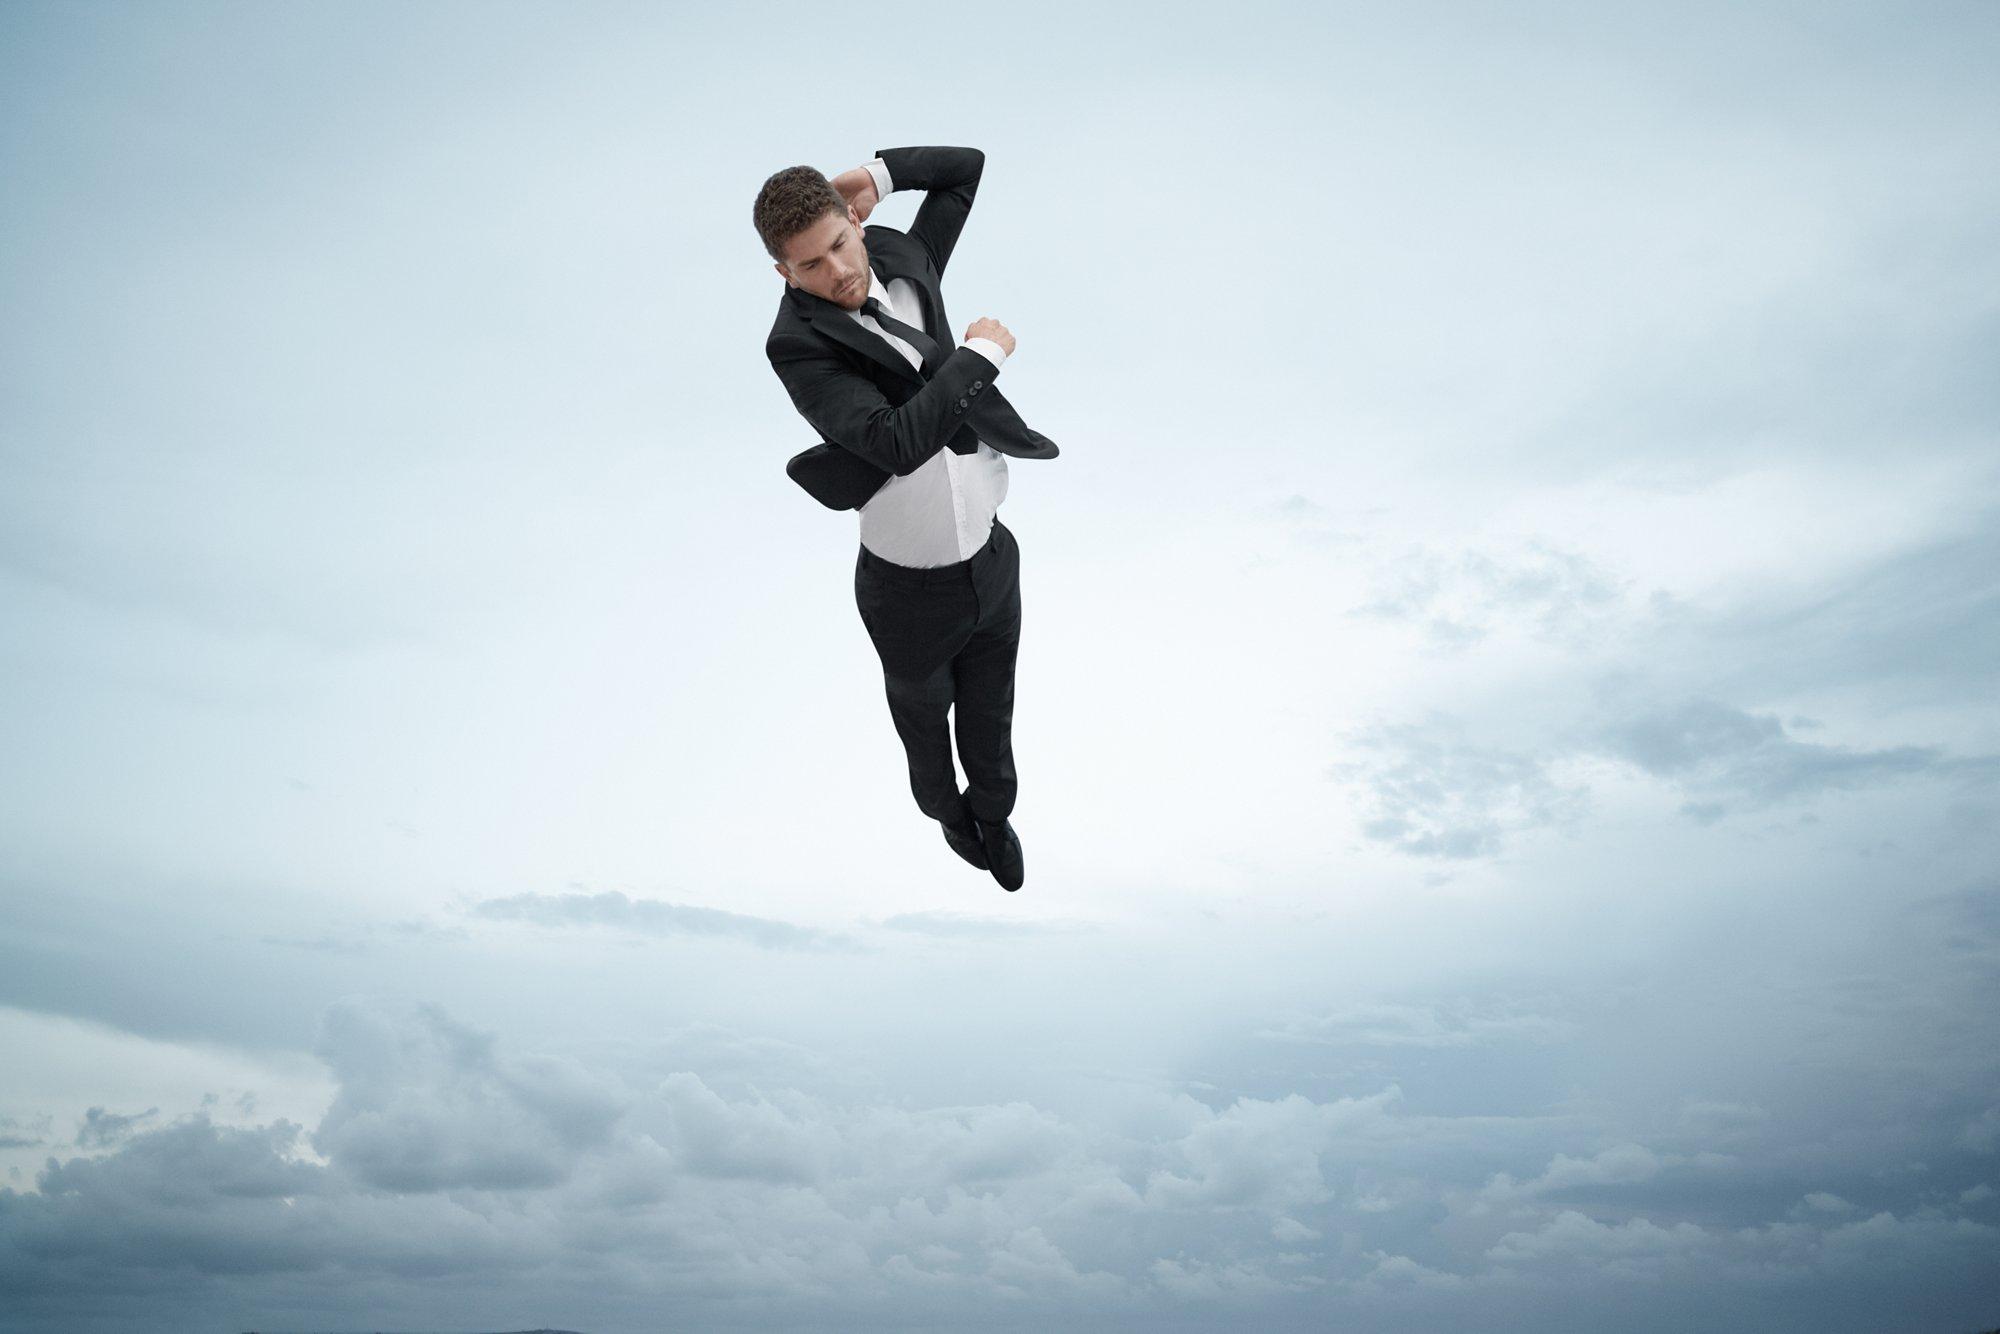 Klifduiker David Colturi draagt het Superblack-kostuum van HUGO